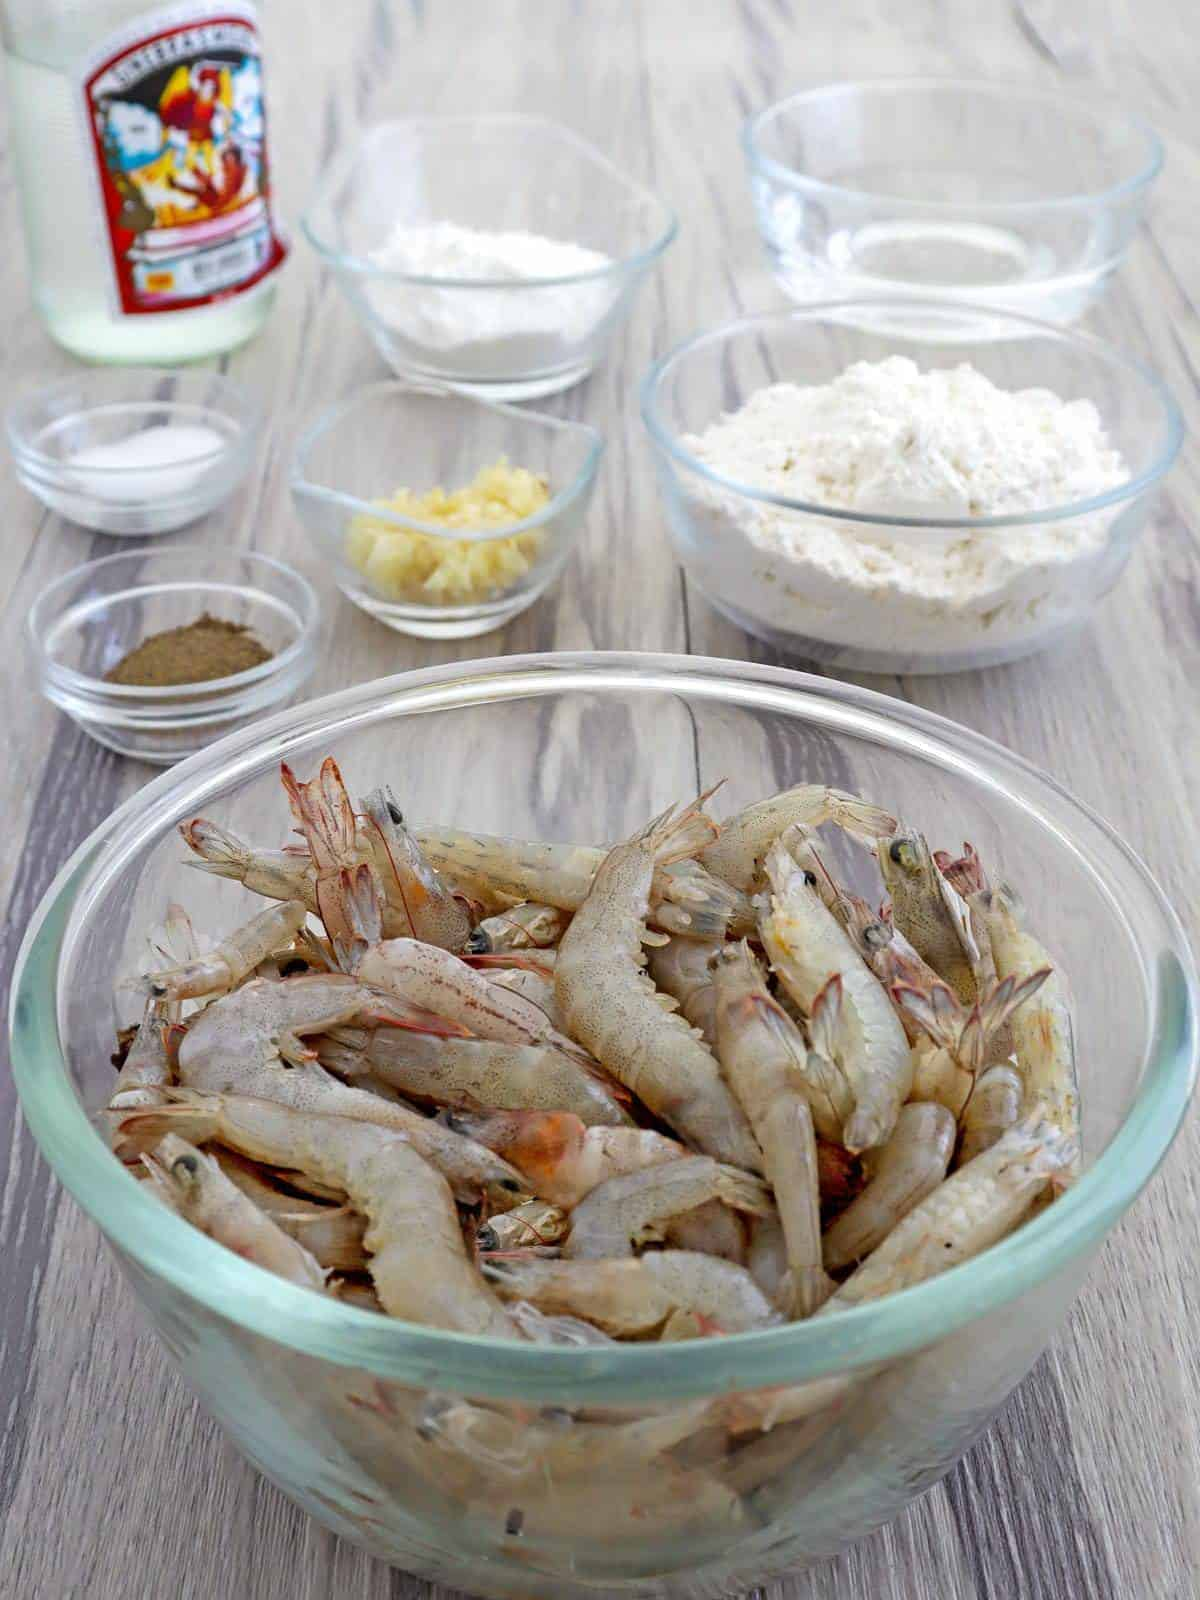 shell-on shrimp, flour, cornstarch, minced garlic, salt, pepper, gin